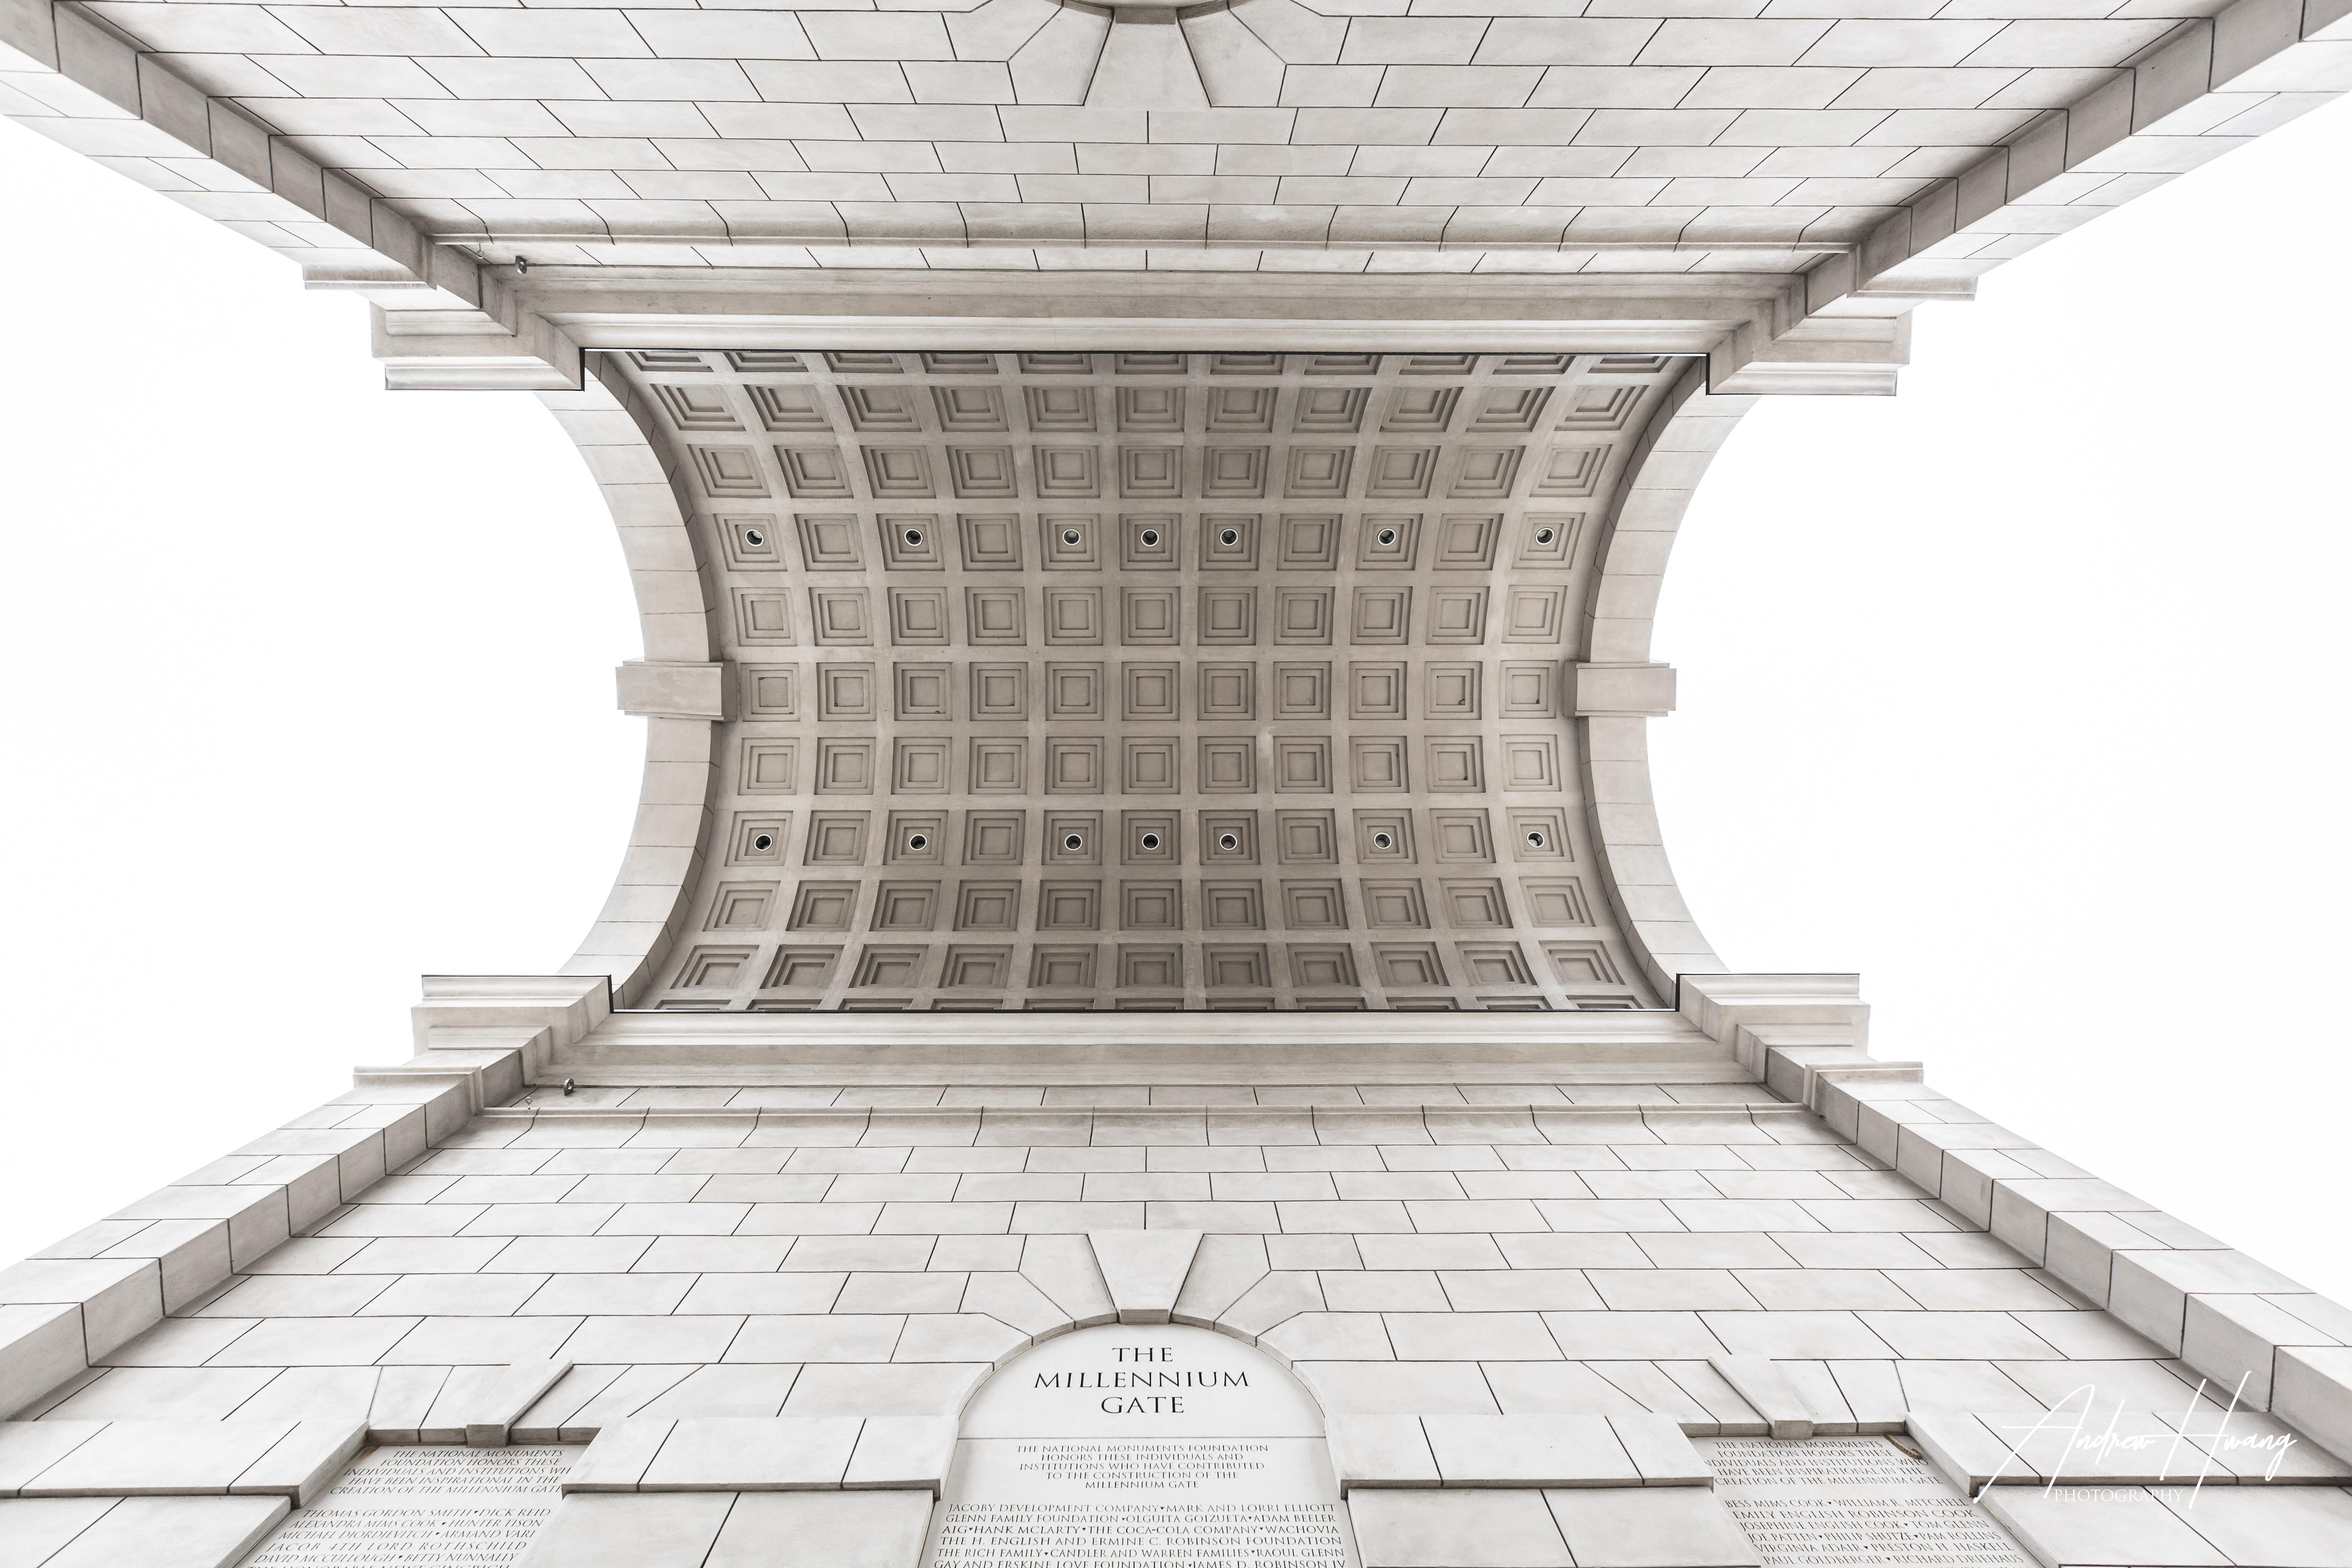 Atlanta - Millennium Gate Arch Perspecti